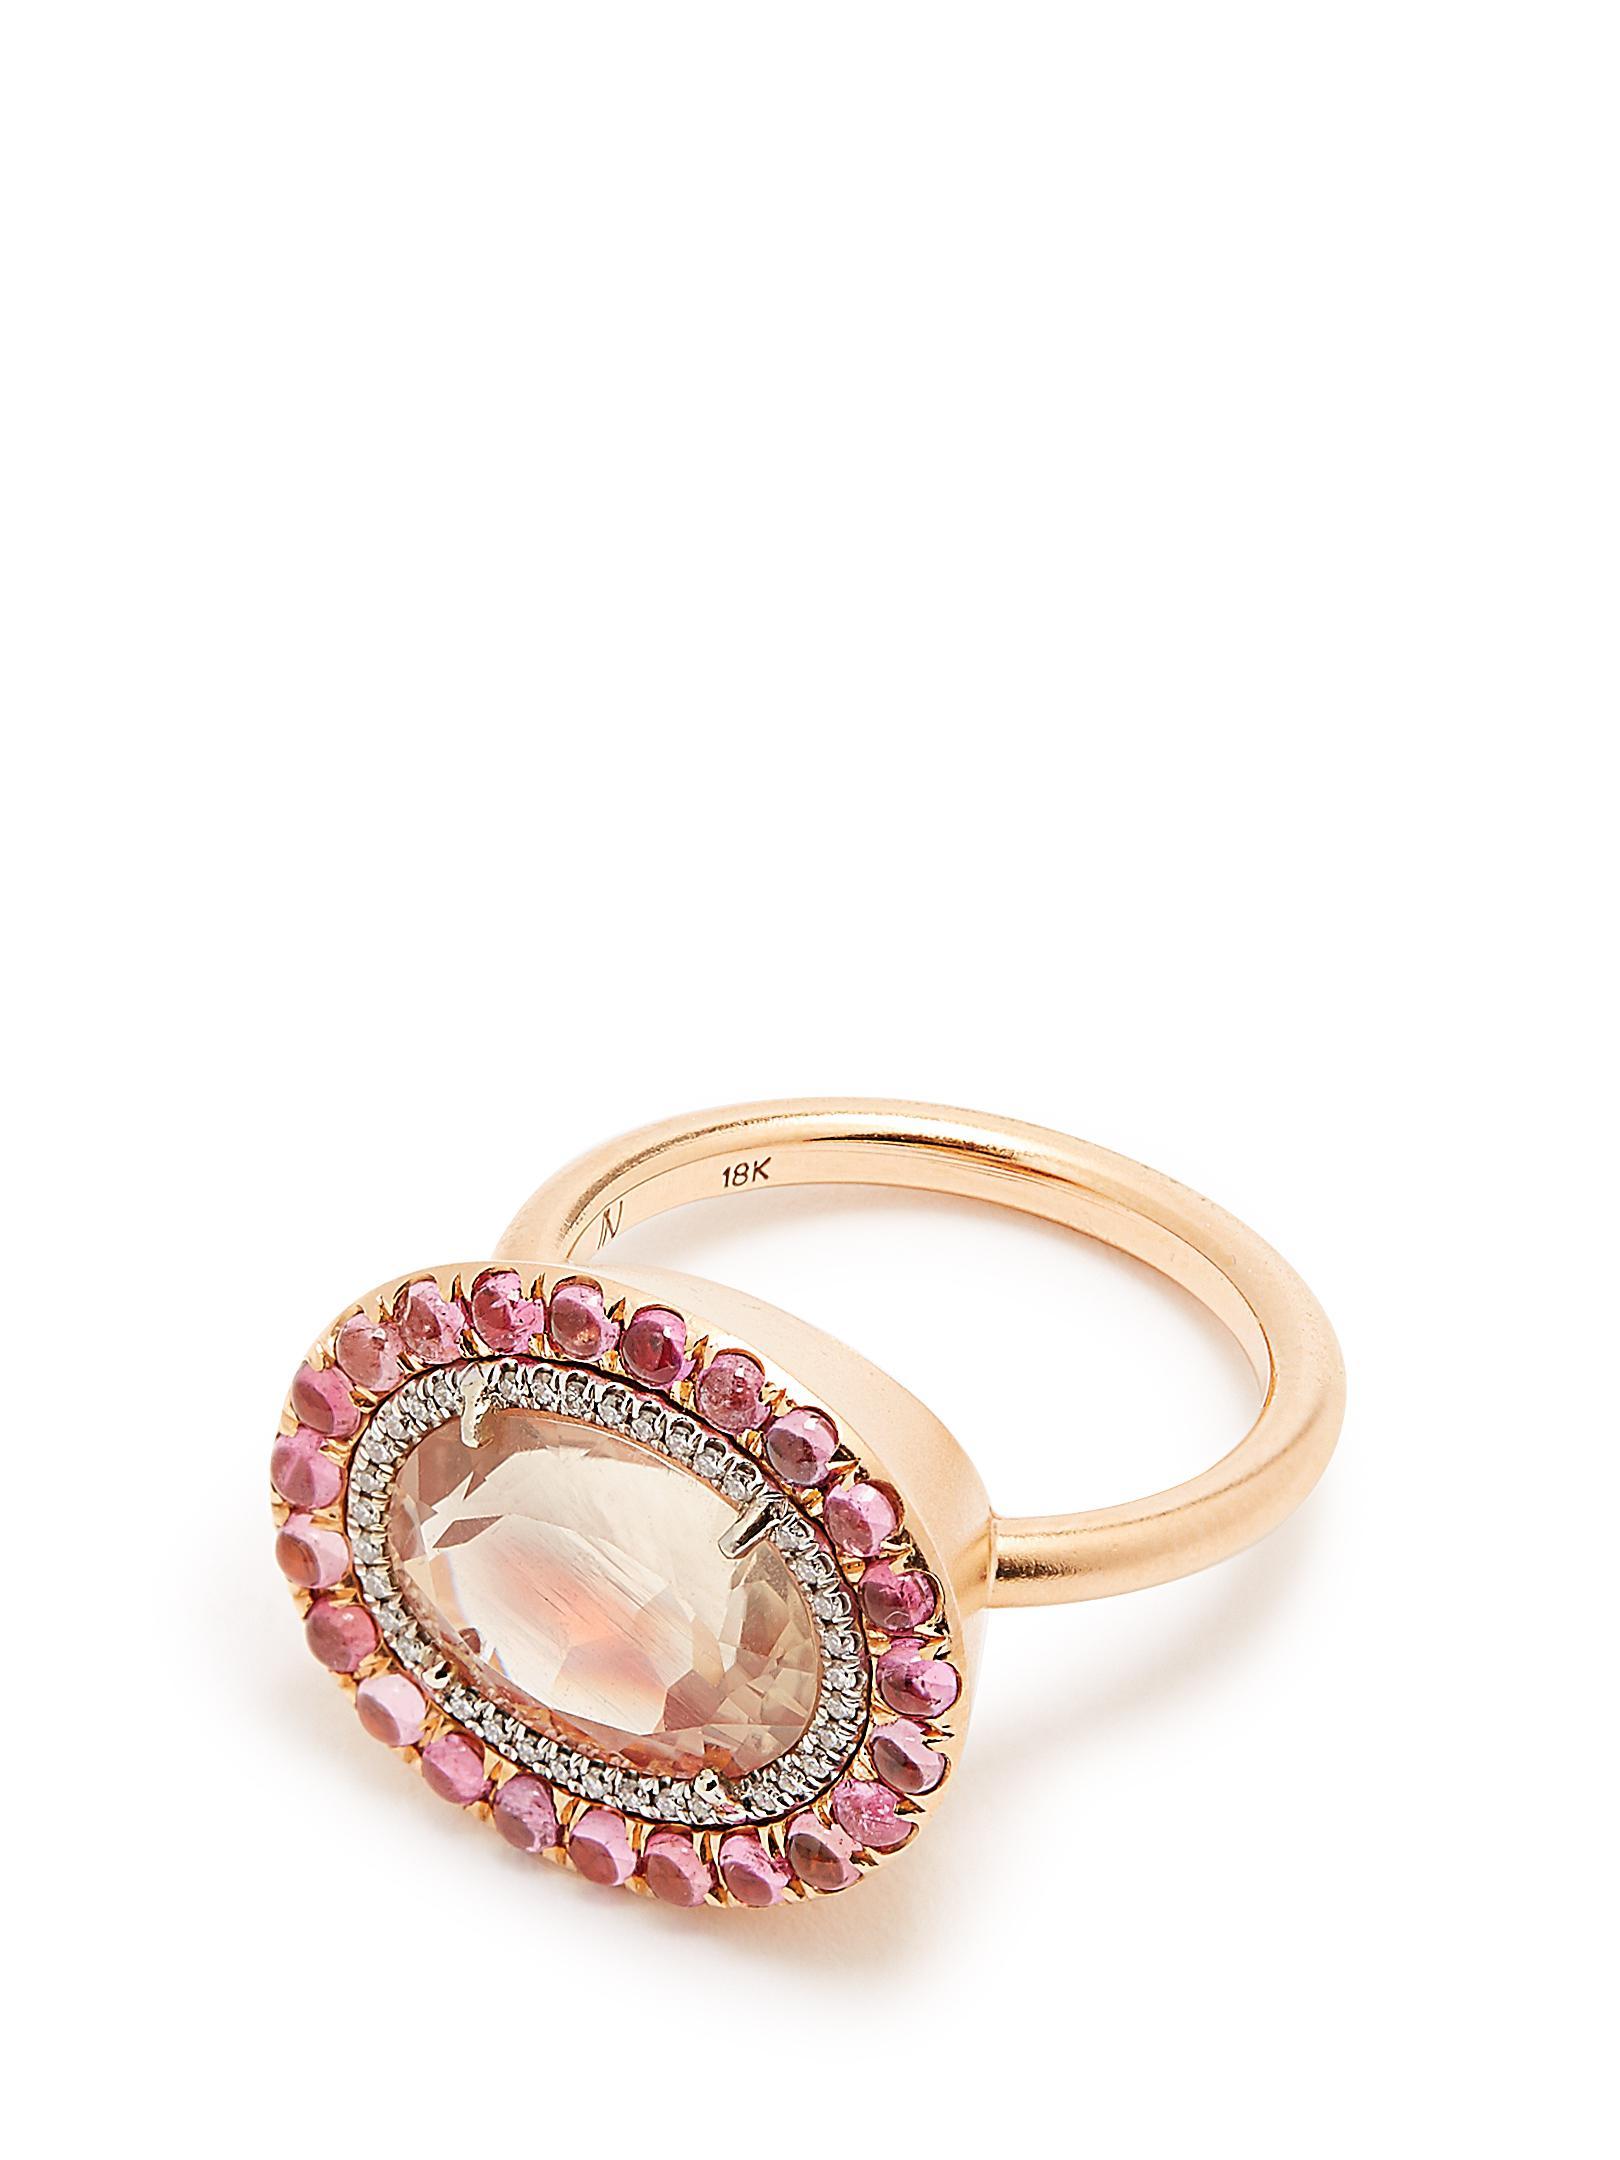 Tourmaline & rose-gold ring Irene Neuwirth lqjOu